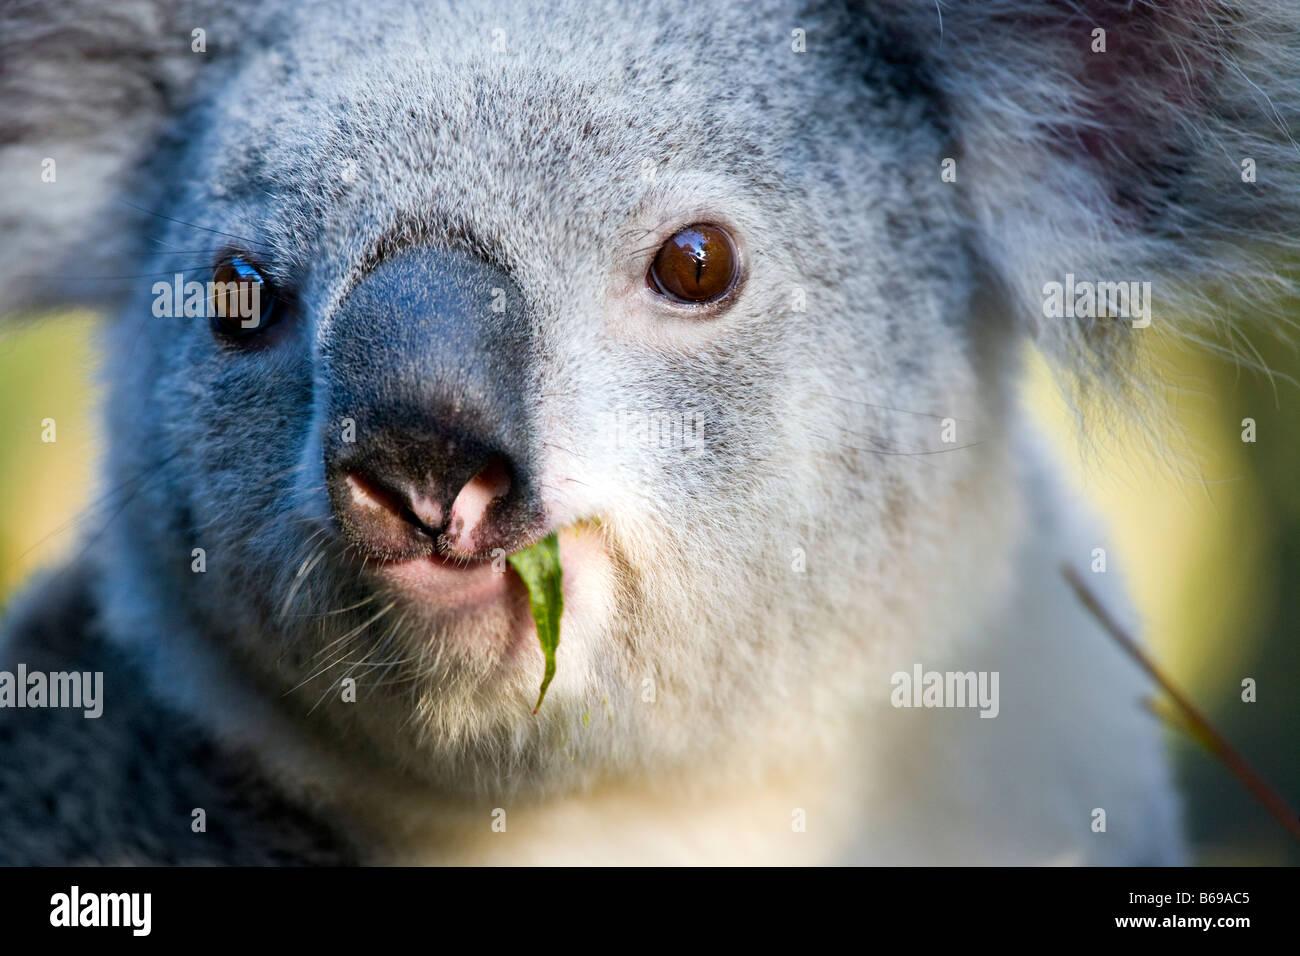 Koala eating gum leaves - Stock Image